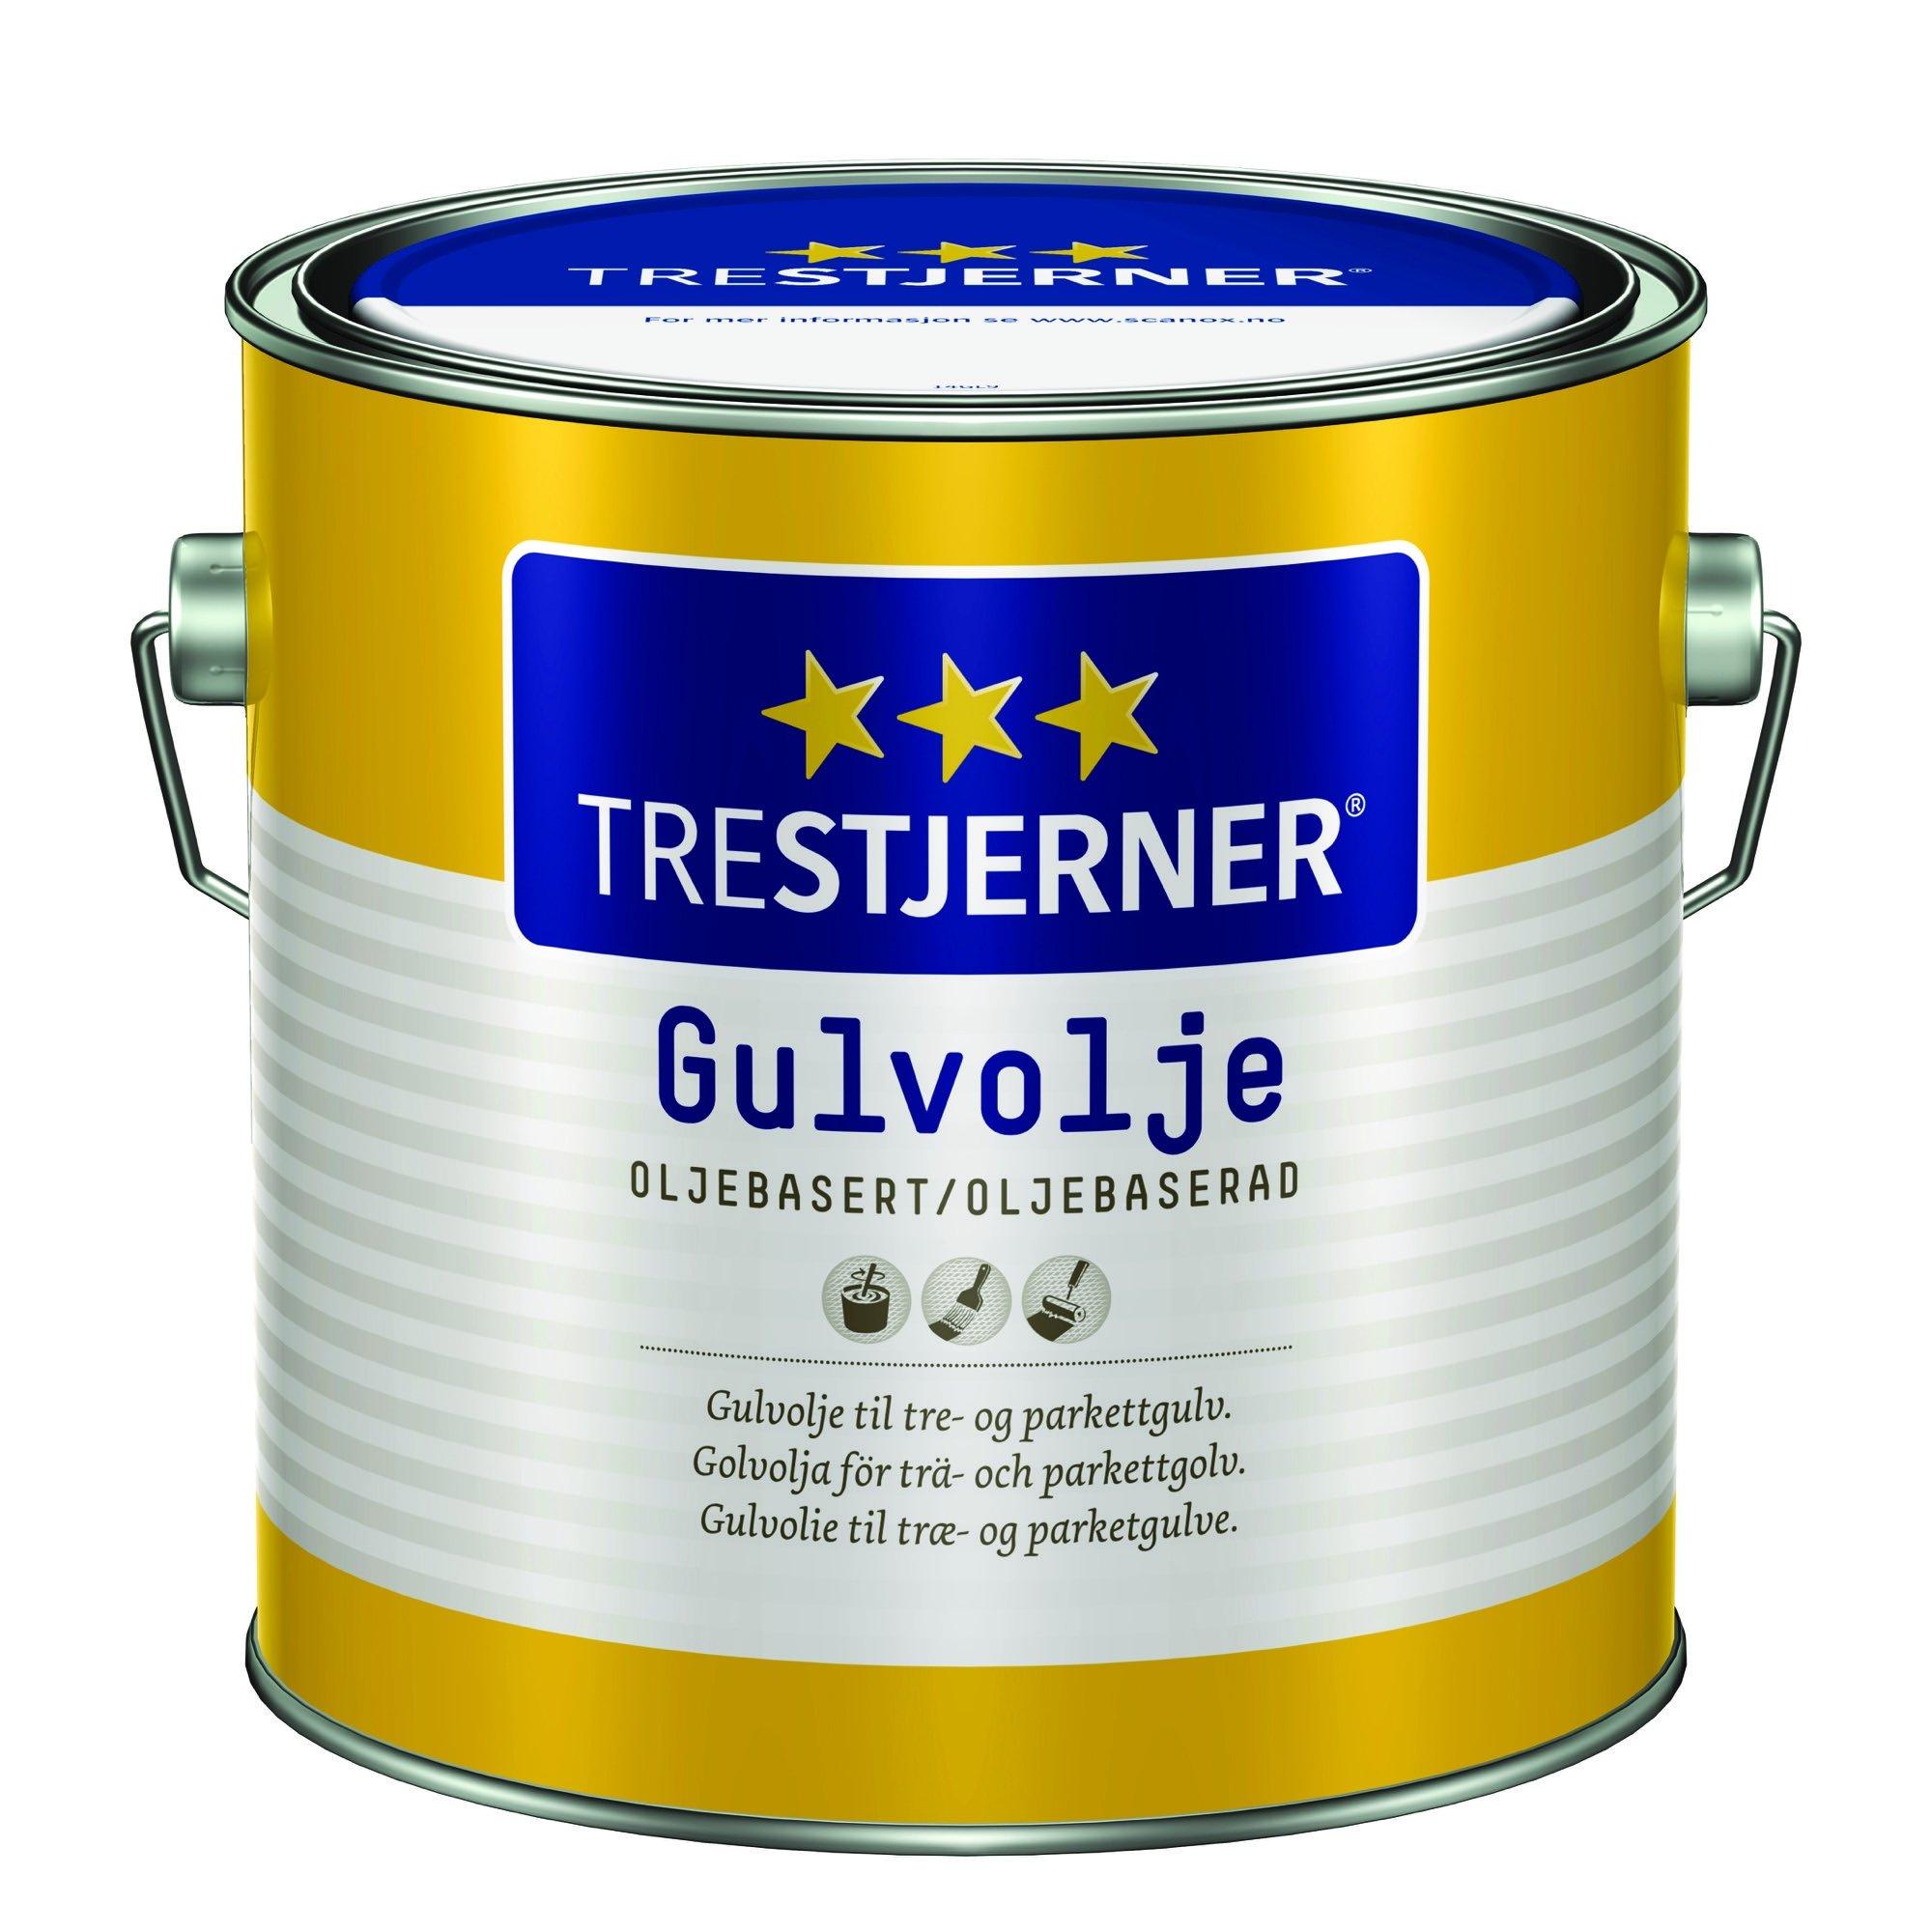 Trestjerner Gulvolie-2,7 L